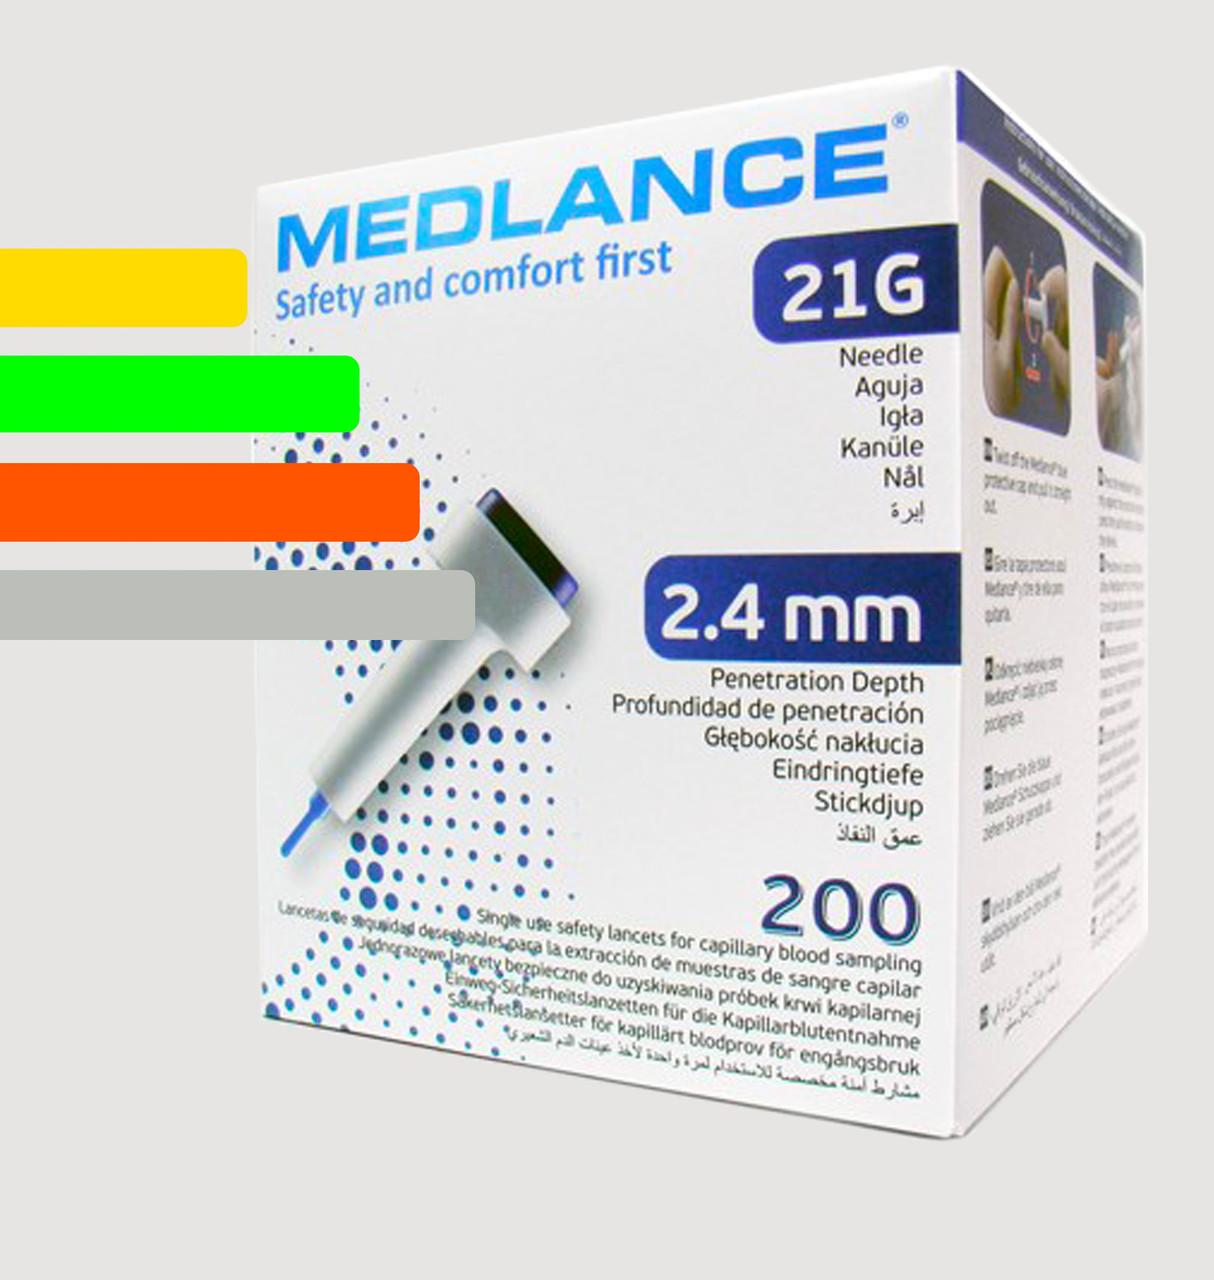 Ланцети MEDLANCE з кнопкою, голка 21G, глибина проникнення 2,4 мм